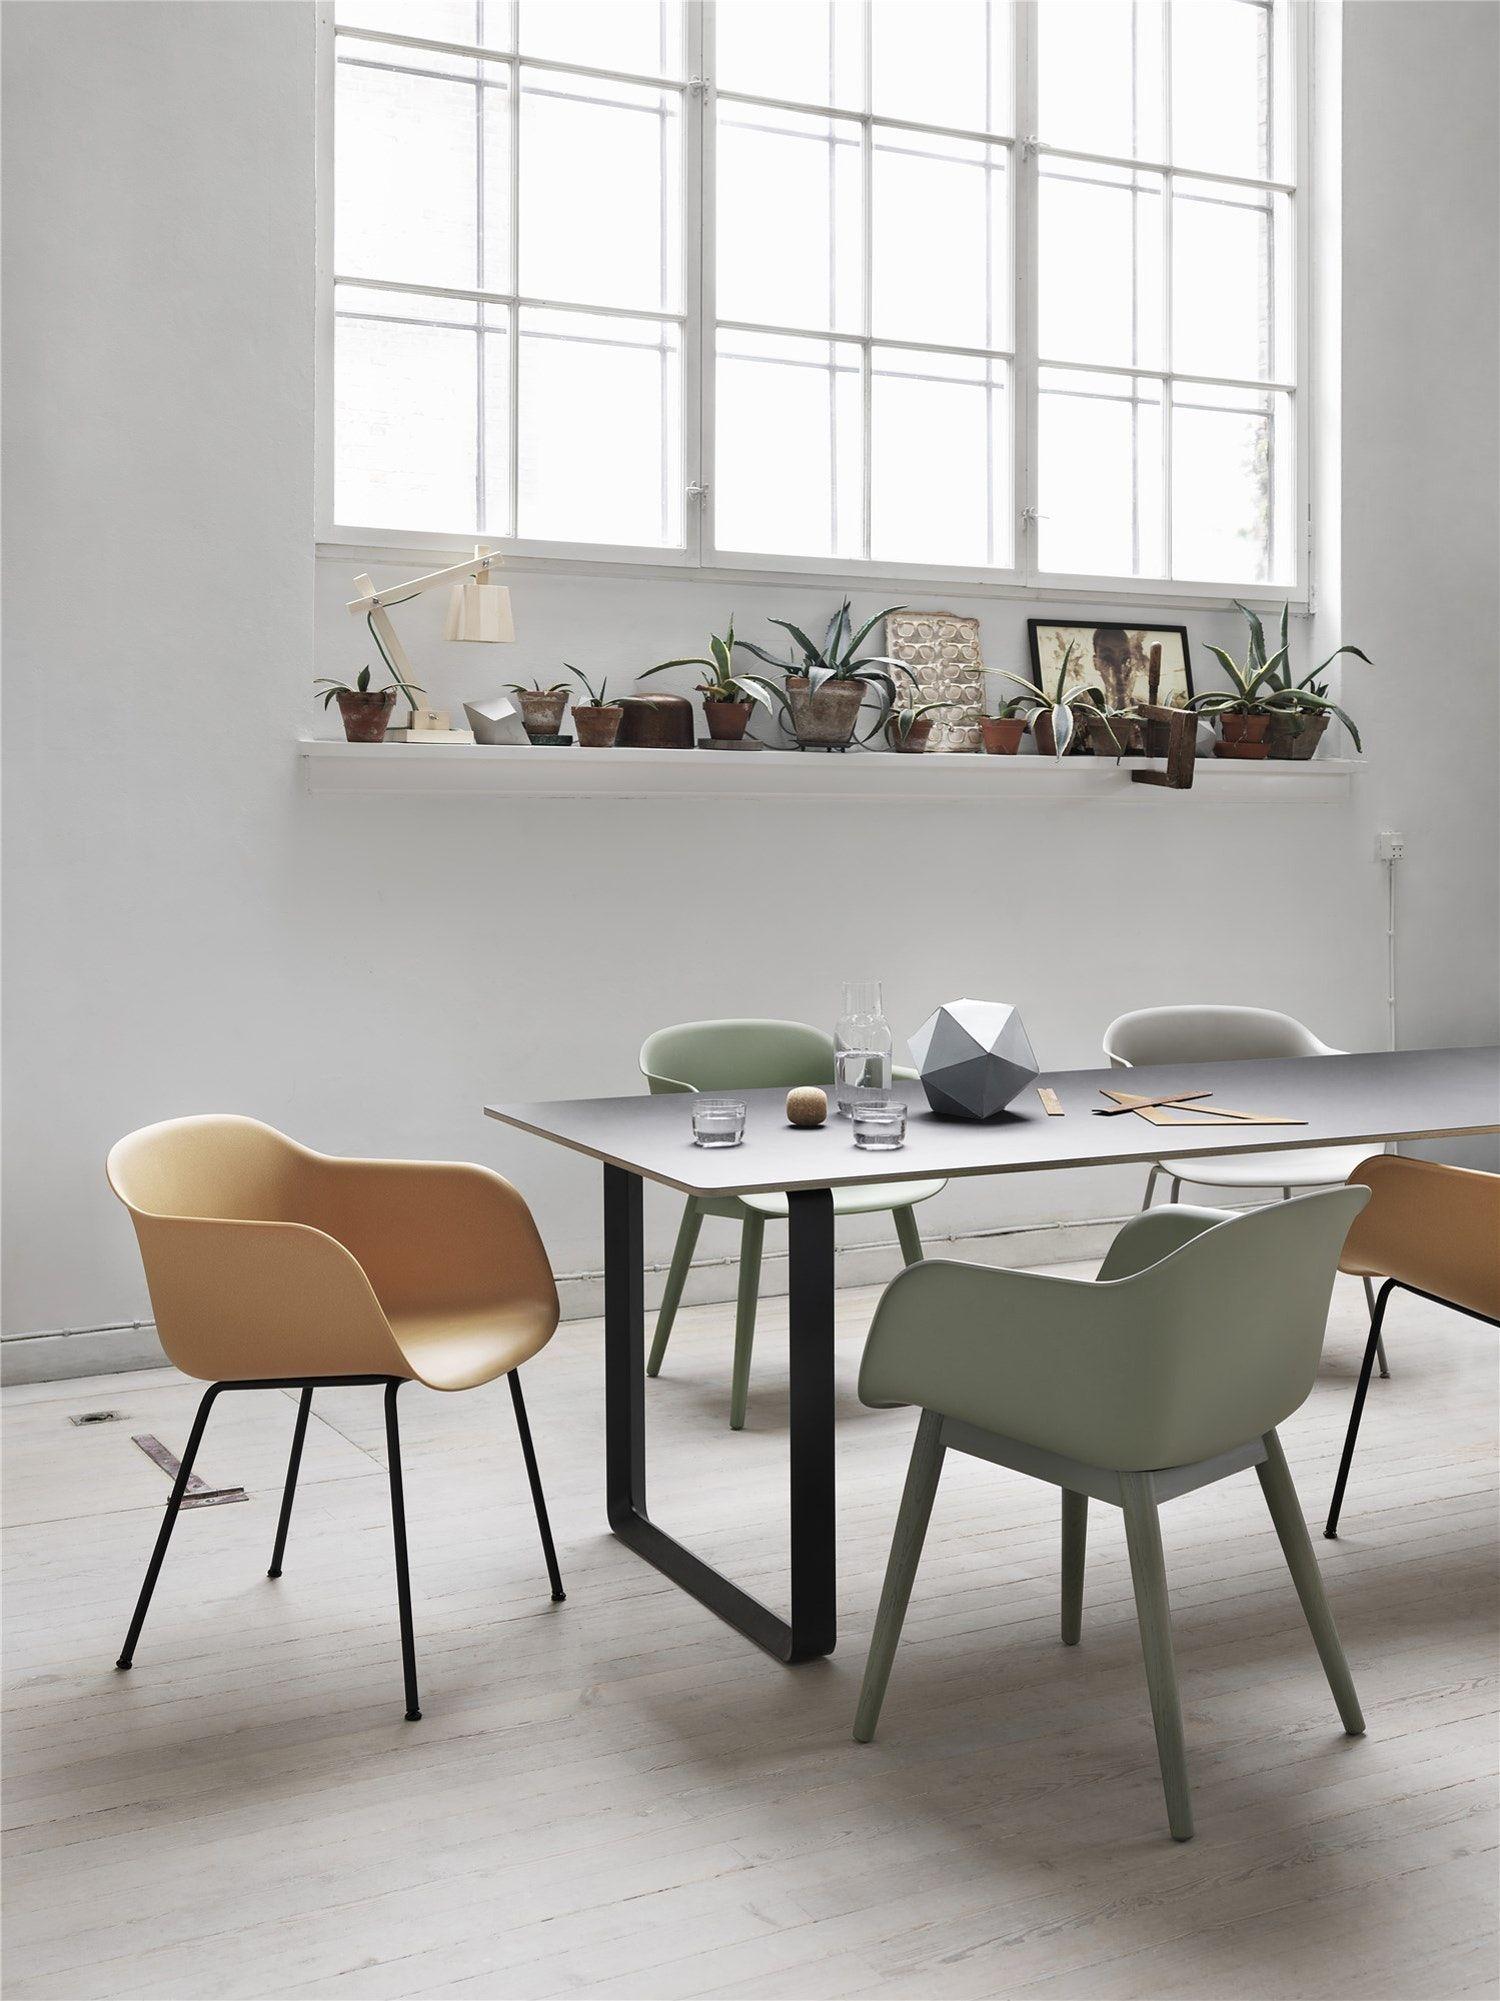 Wonderbaar Dining room inspiration   Eetkamer inspiratie   Dining table EF-96